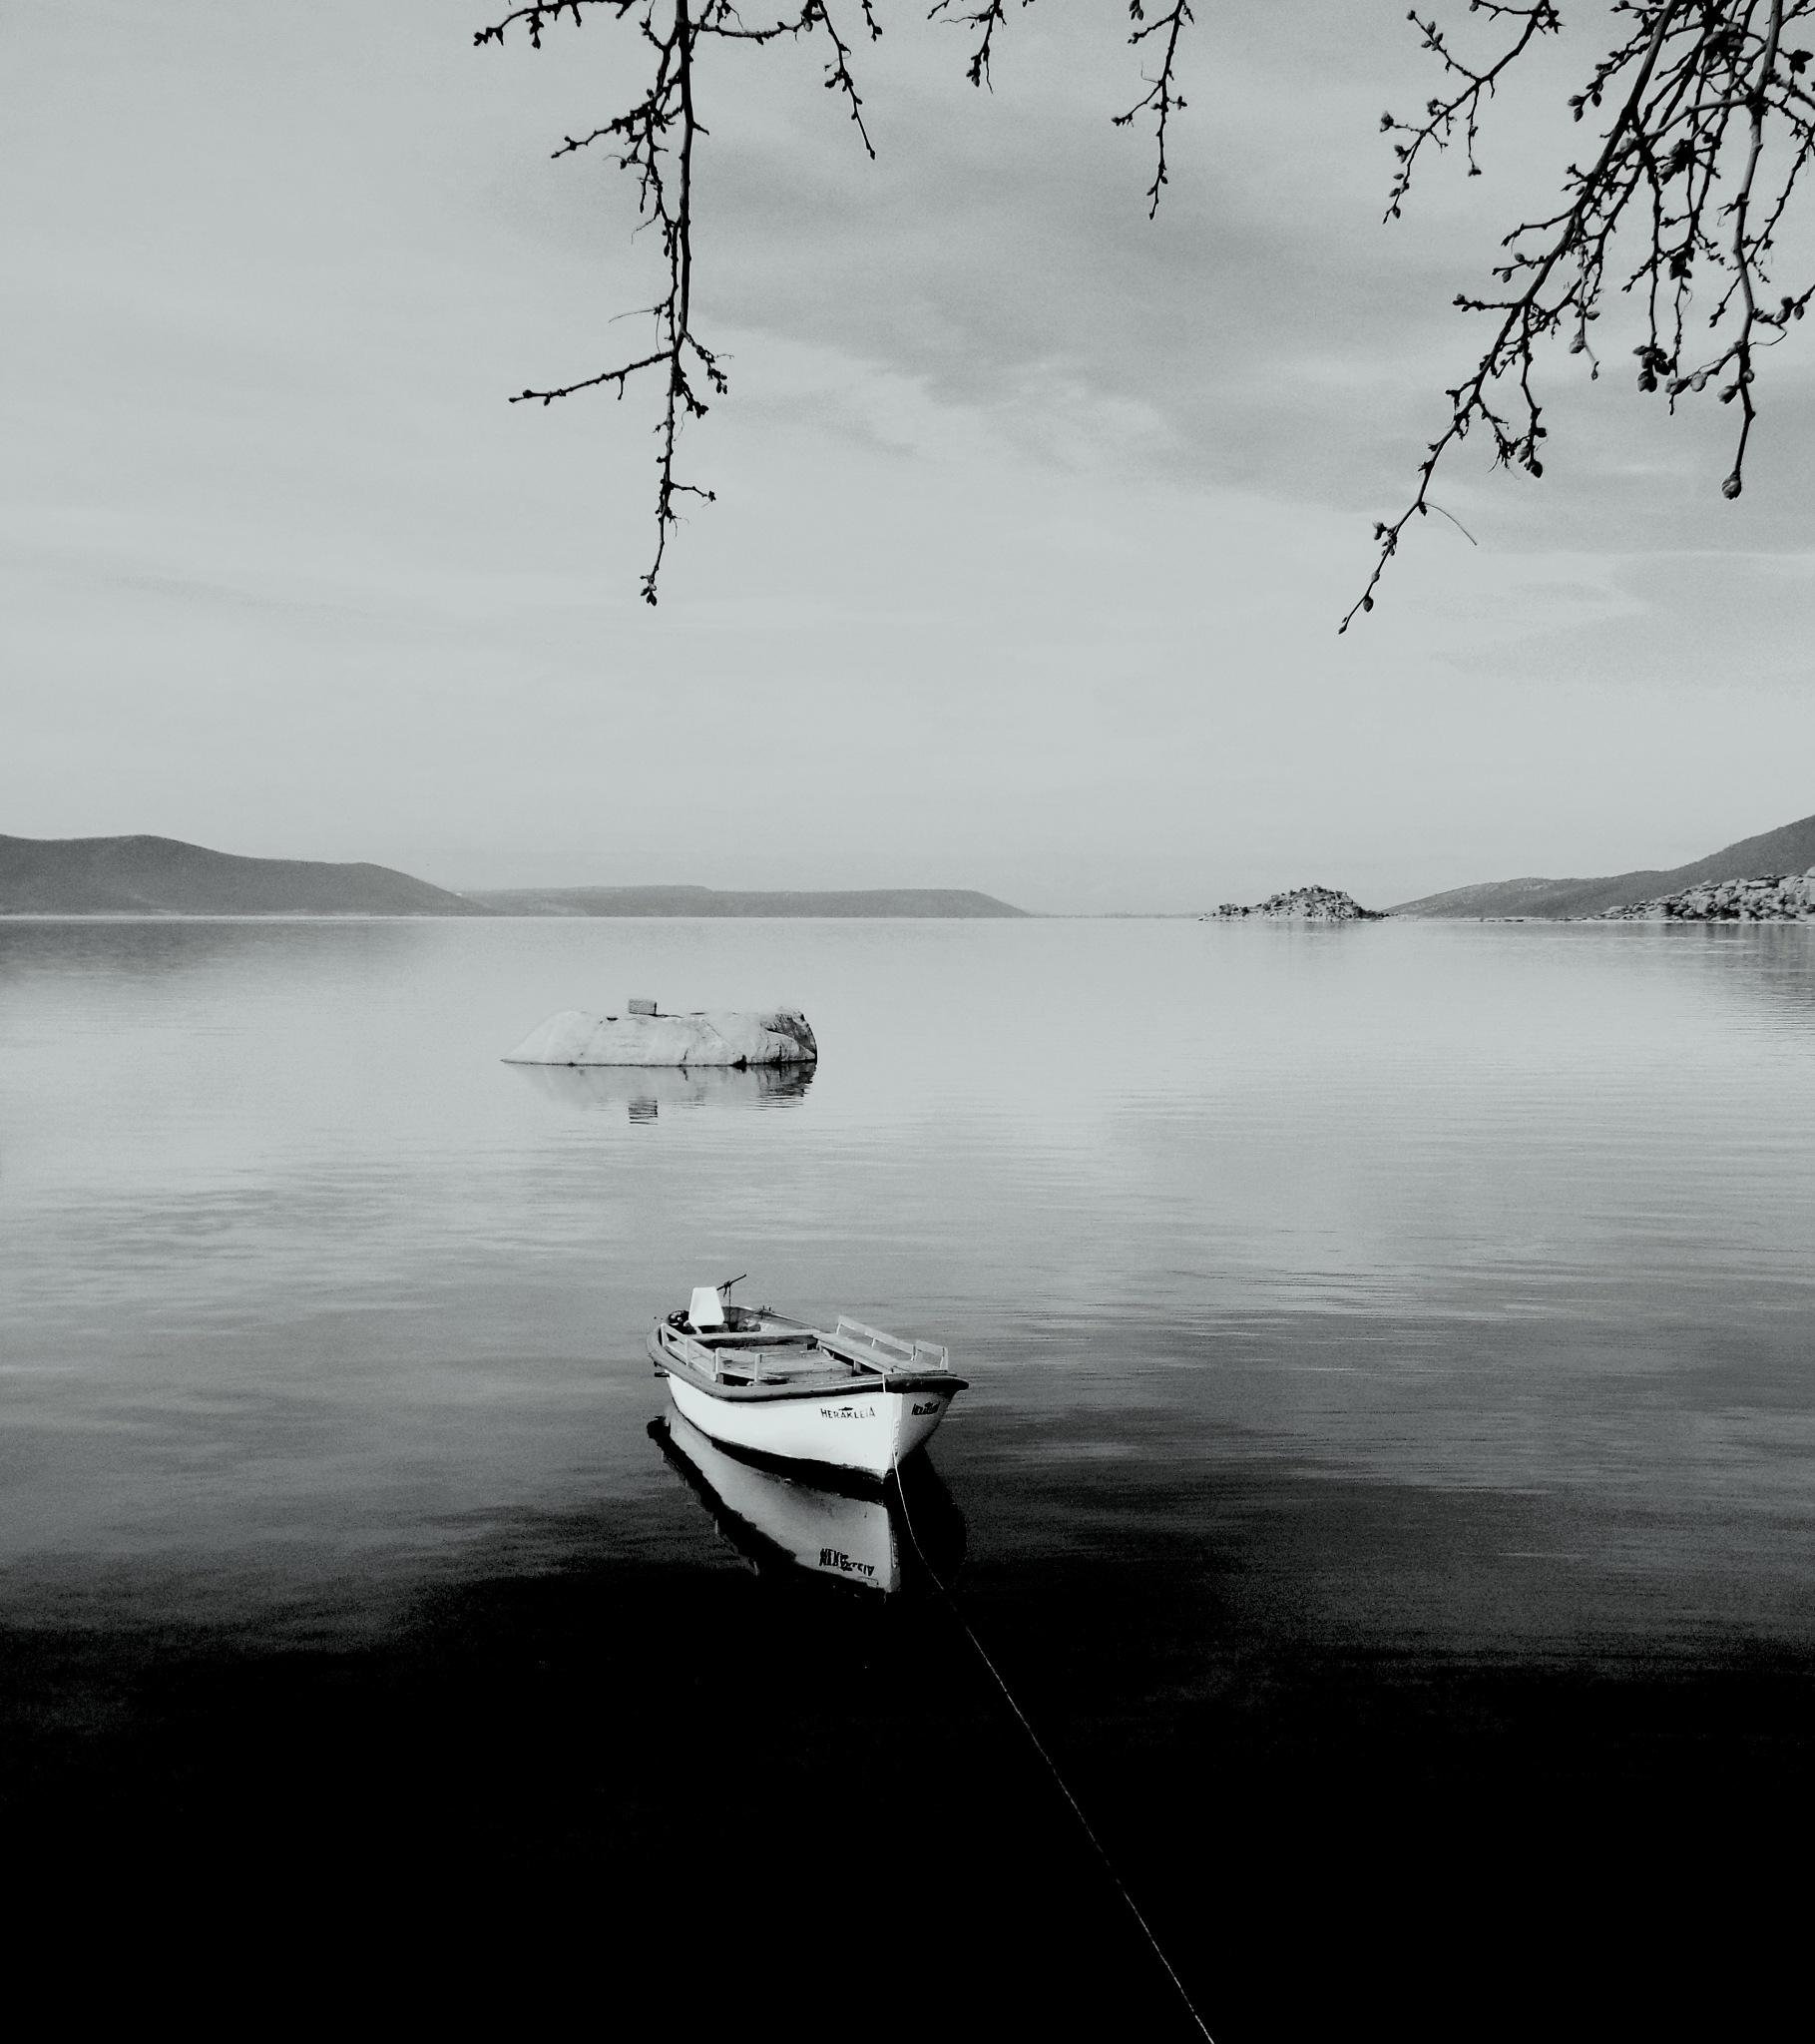 BAFA LAKE, HERAKLEIA, B&W, FULL SCREEN by Akin Saner